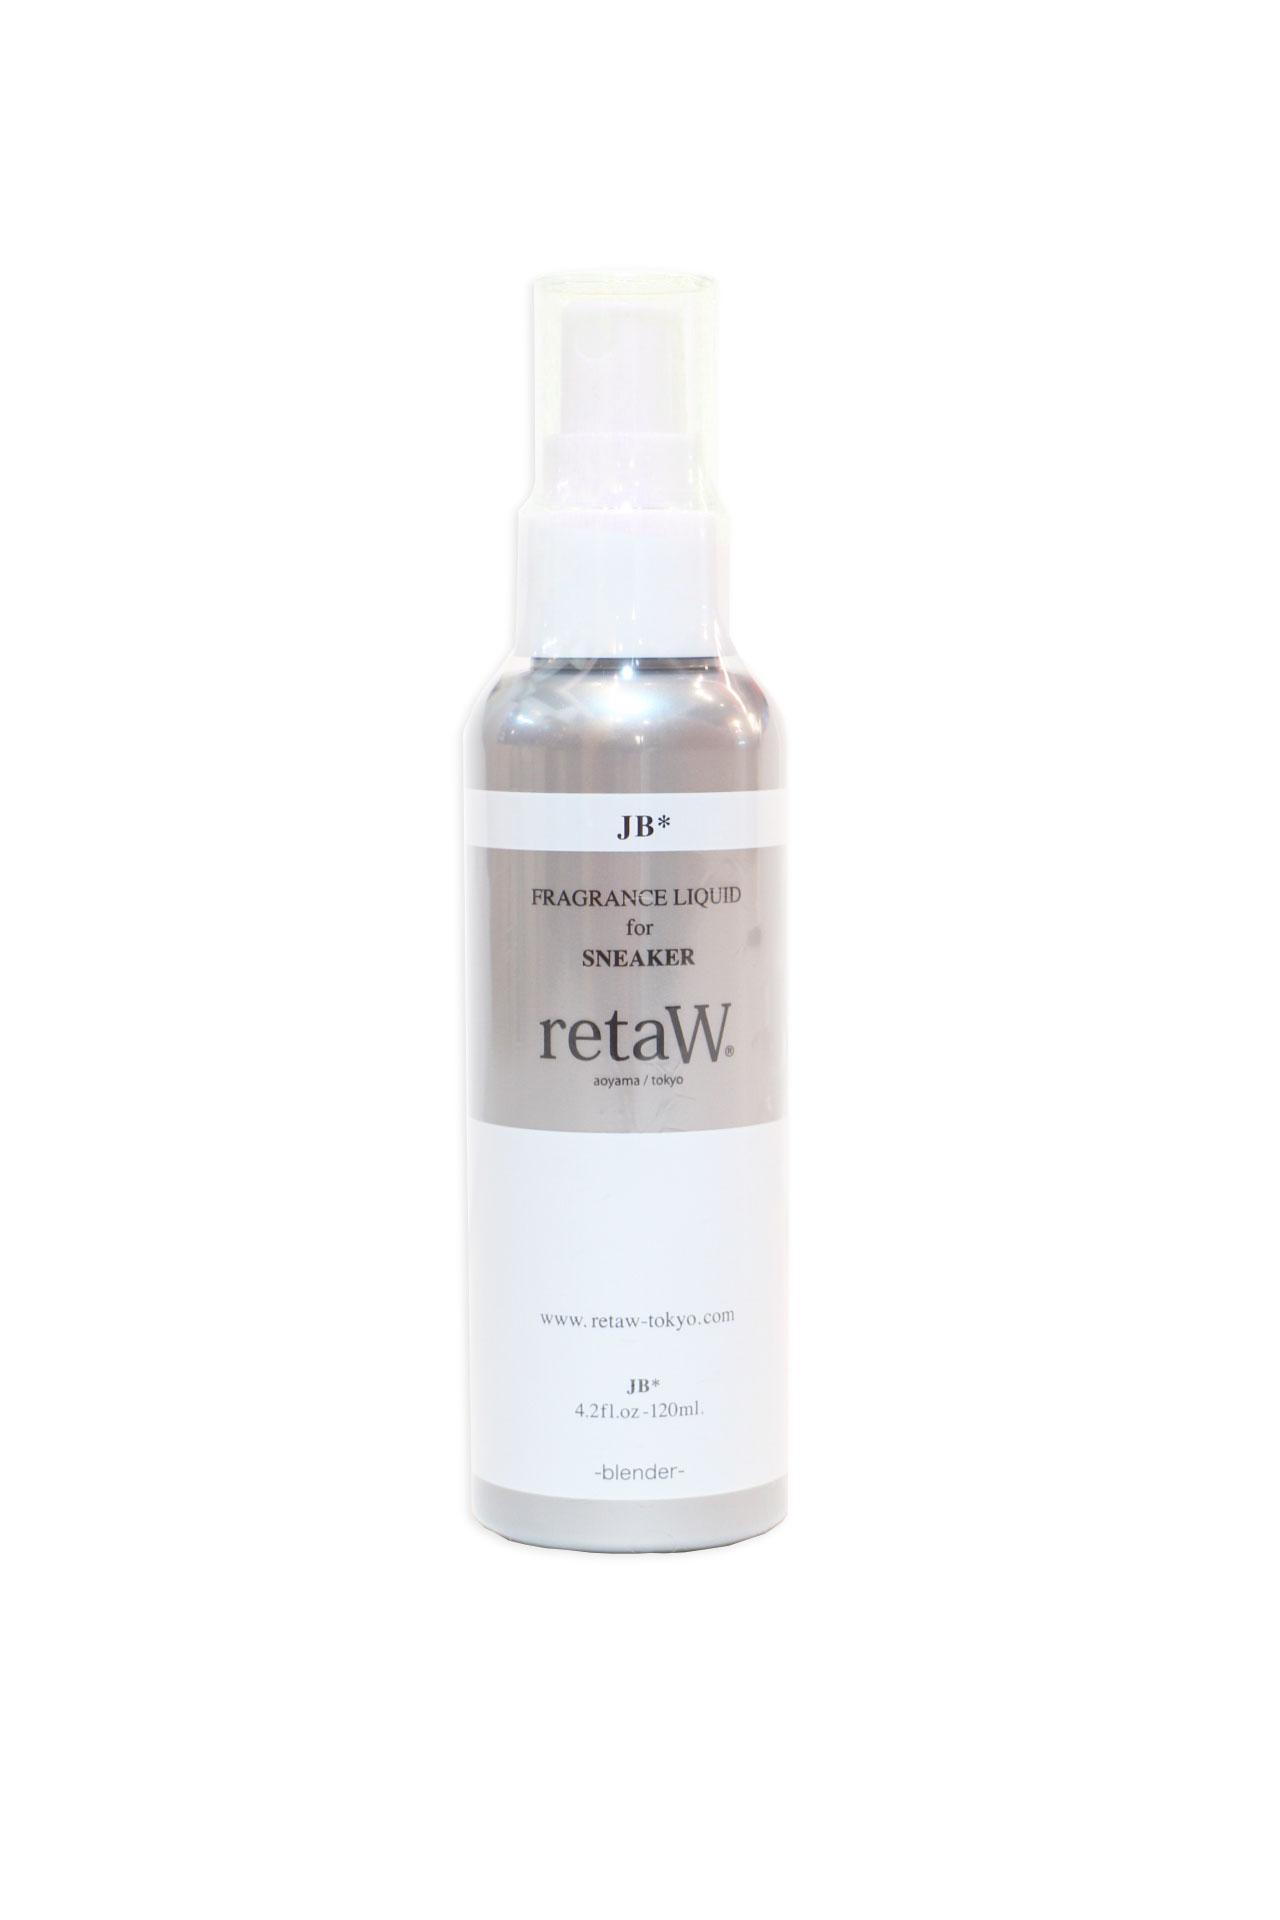 画像1: 【retaW】 Fragrance Liquid for SNEAKER JB (1)